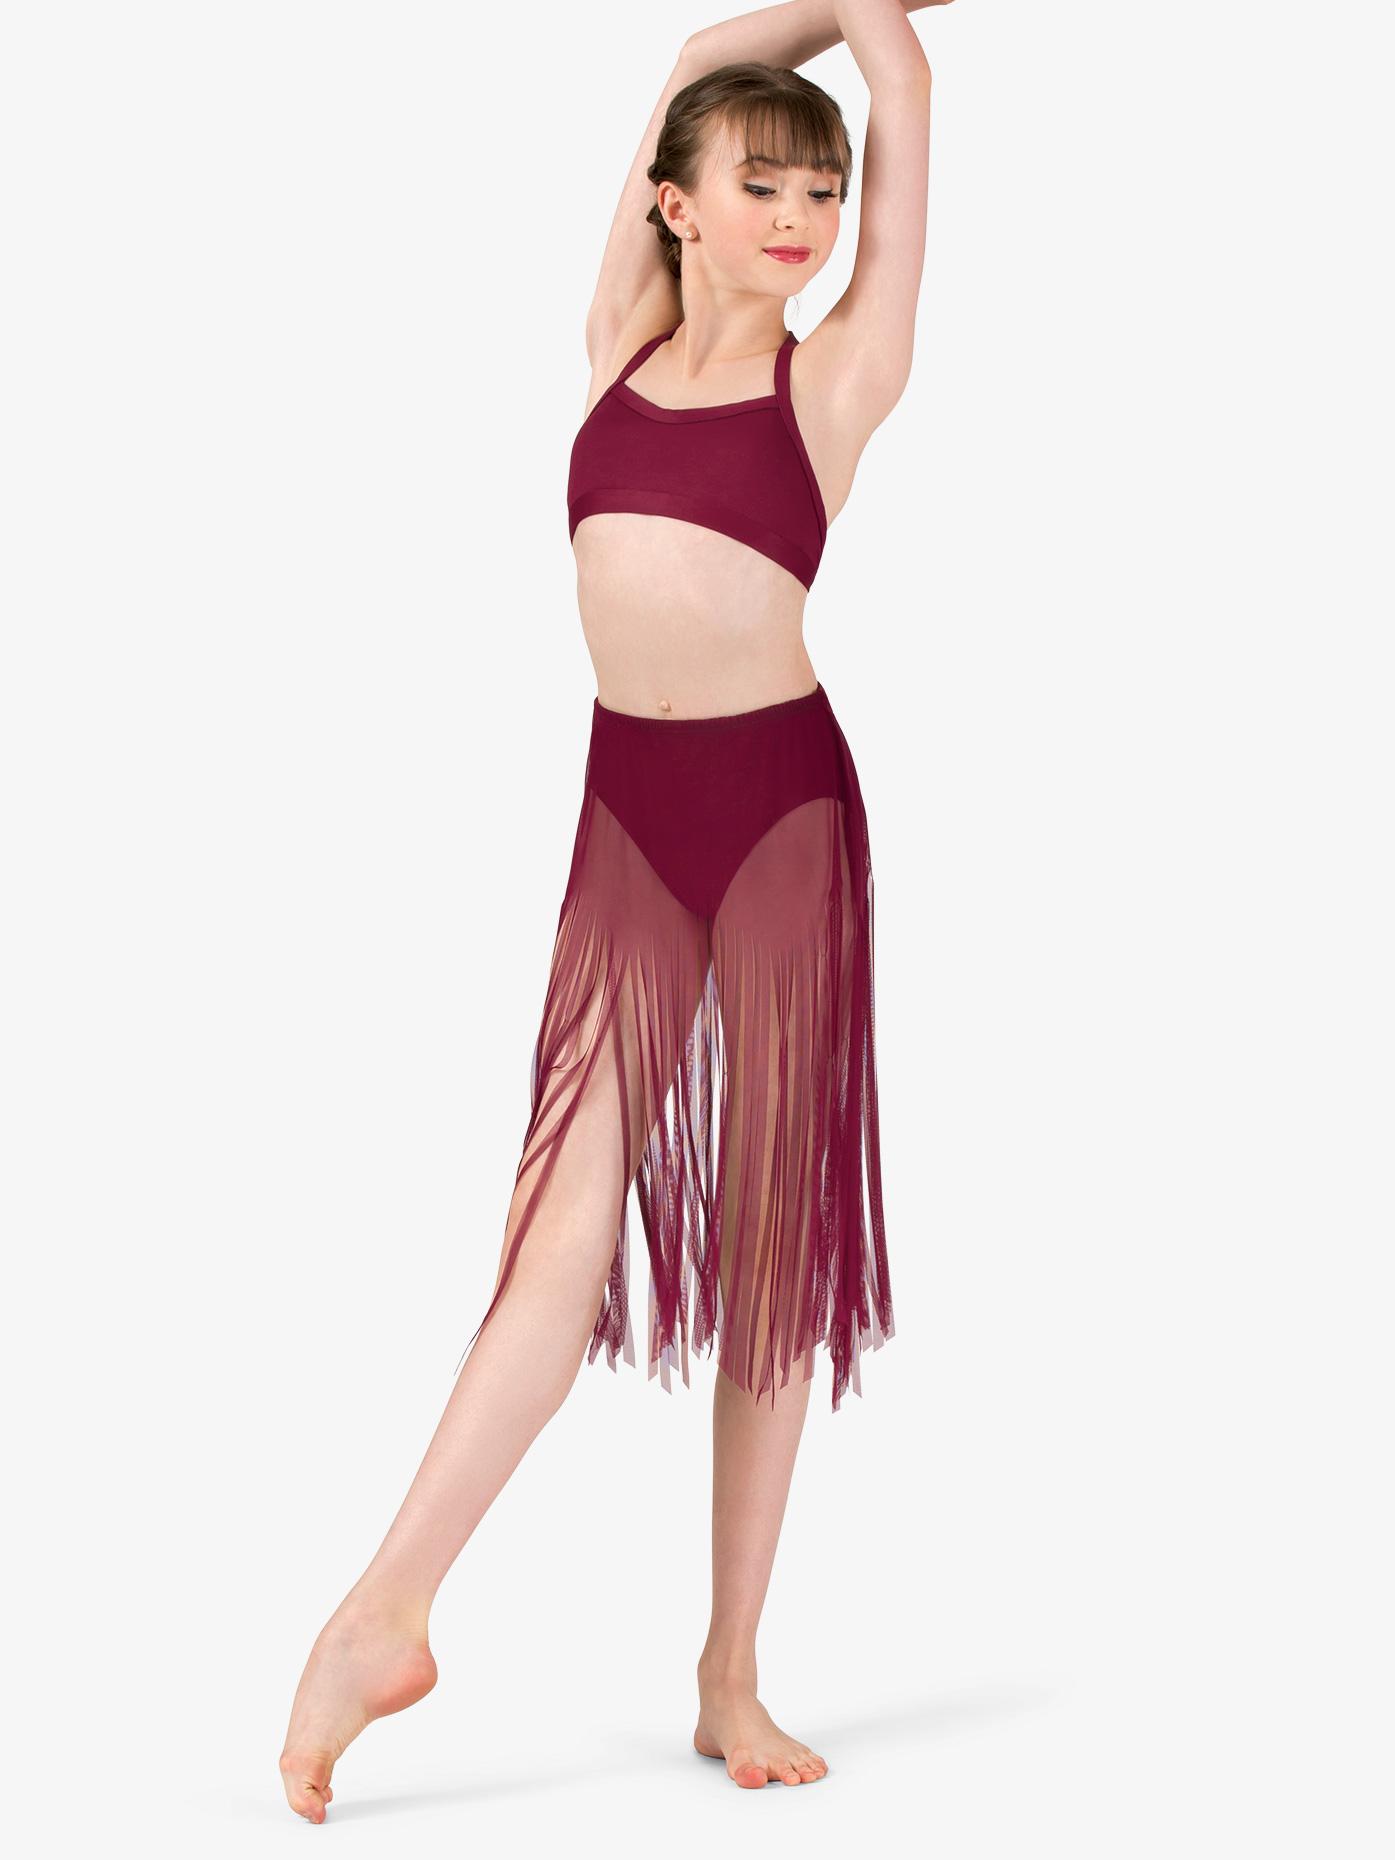 Body Wrappers Girls Performance Sheer Mesh Fringe Skirt BW0811